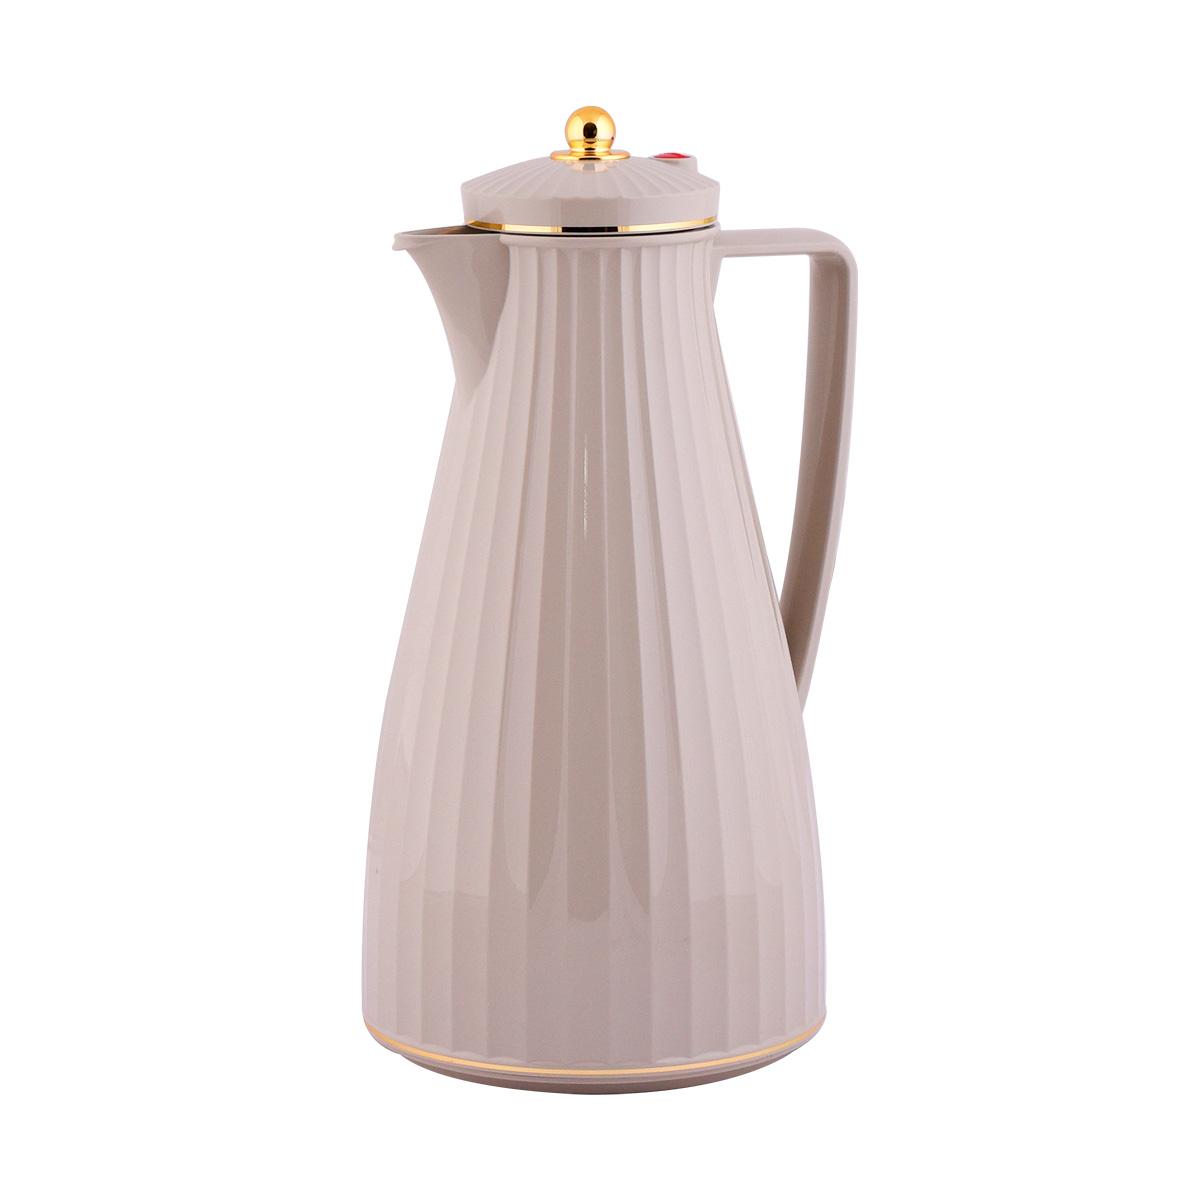 ترمس شاي وقهوة فلورا السيف  لون رمادي - 1.2لتر  - LSG